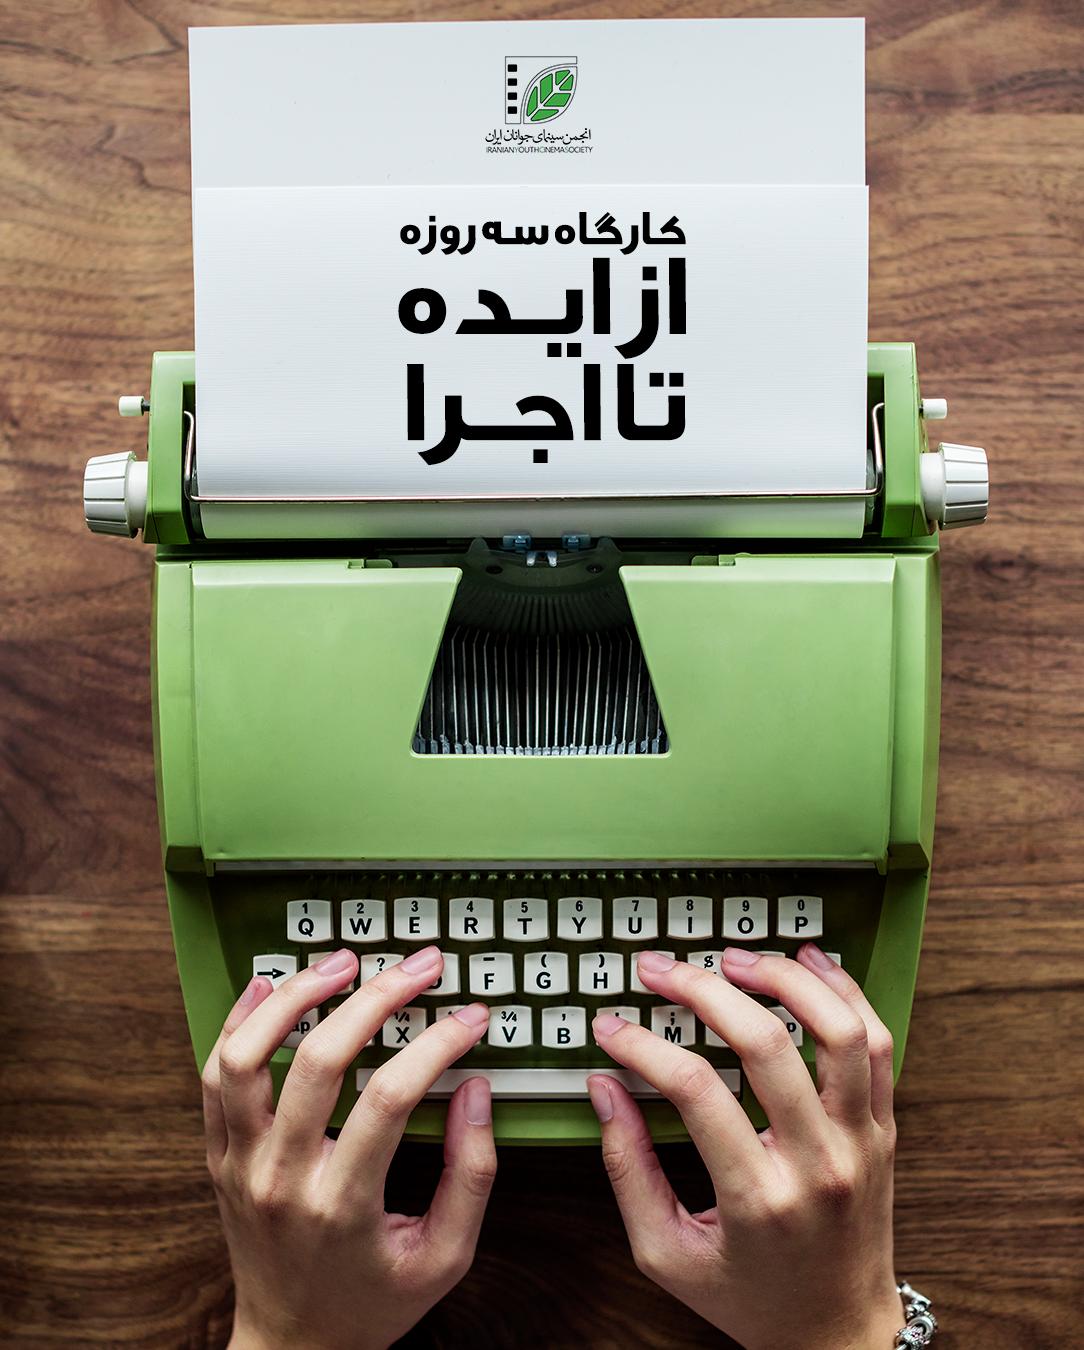 دفتر ویژه تهران انجمن سینمای جوانان برگزار میکند: کارگاه «از ایده تا اجرا» برای نگارش فیلمنامه کوتاه/ استفاده از روش طوفان فکری